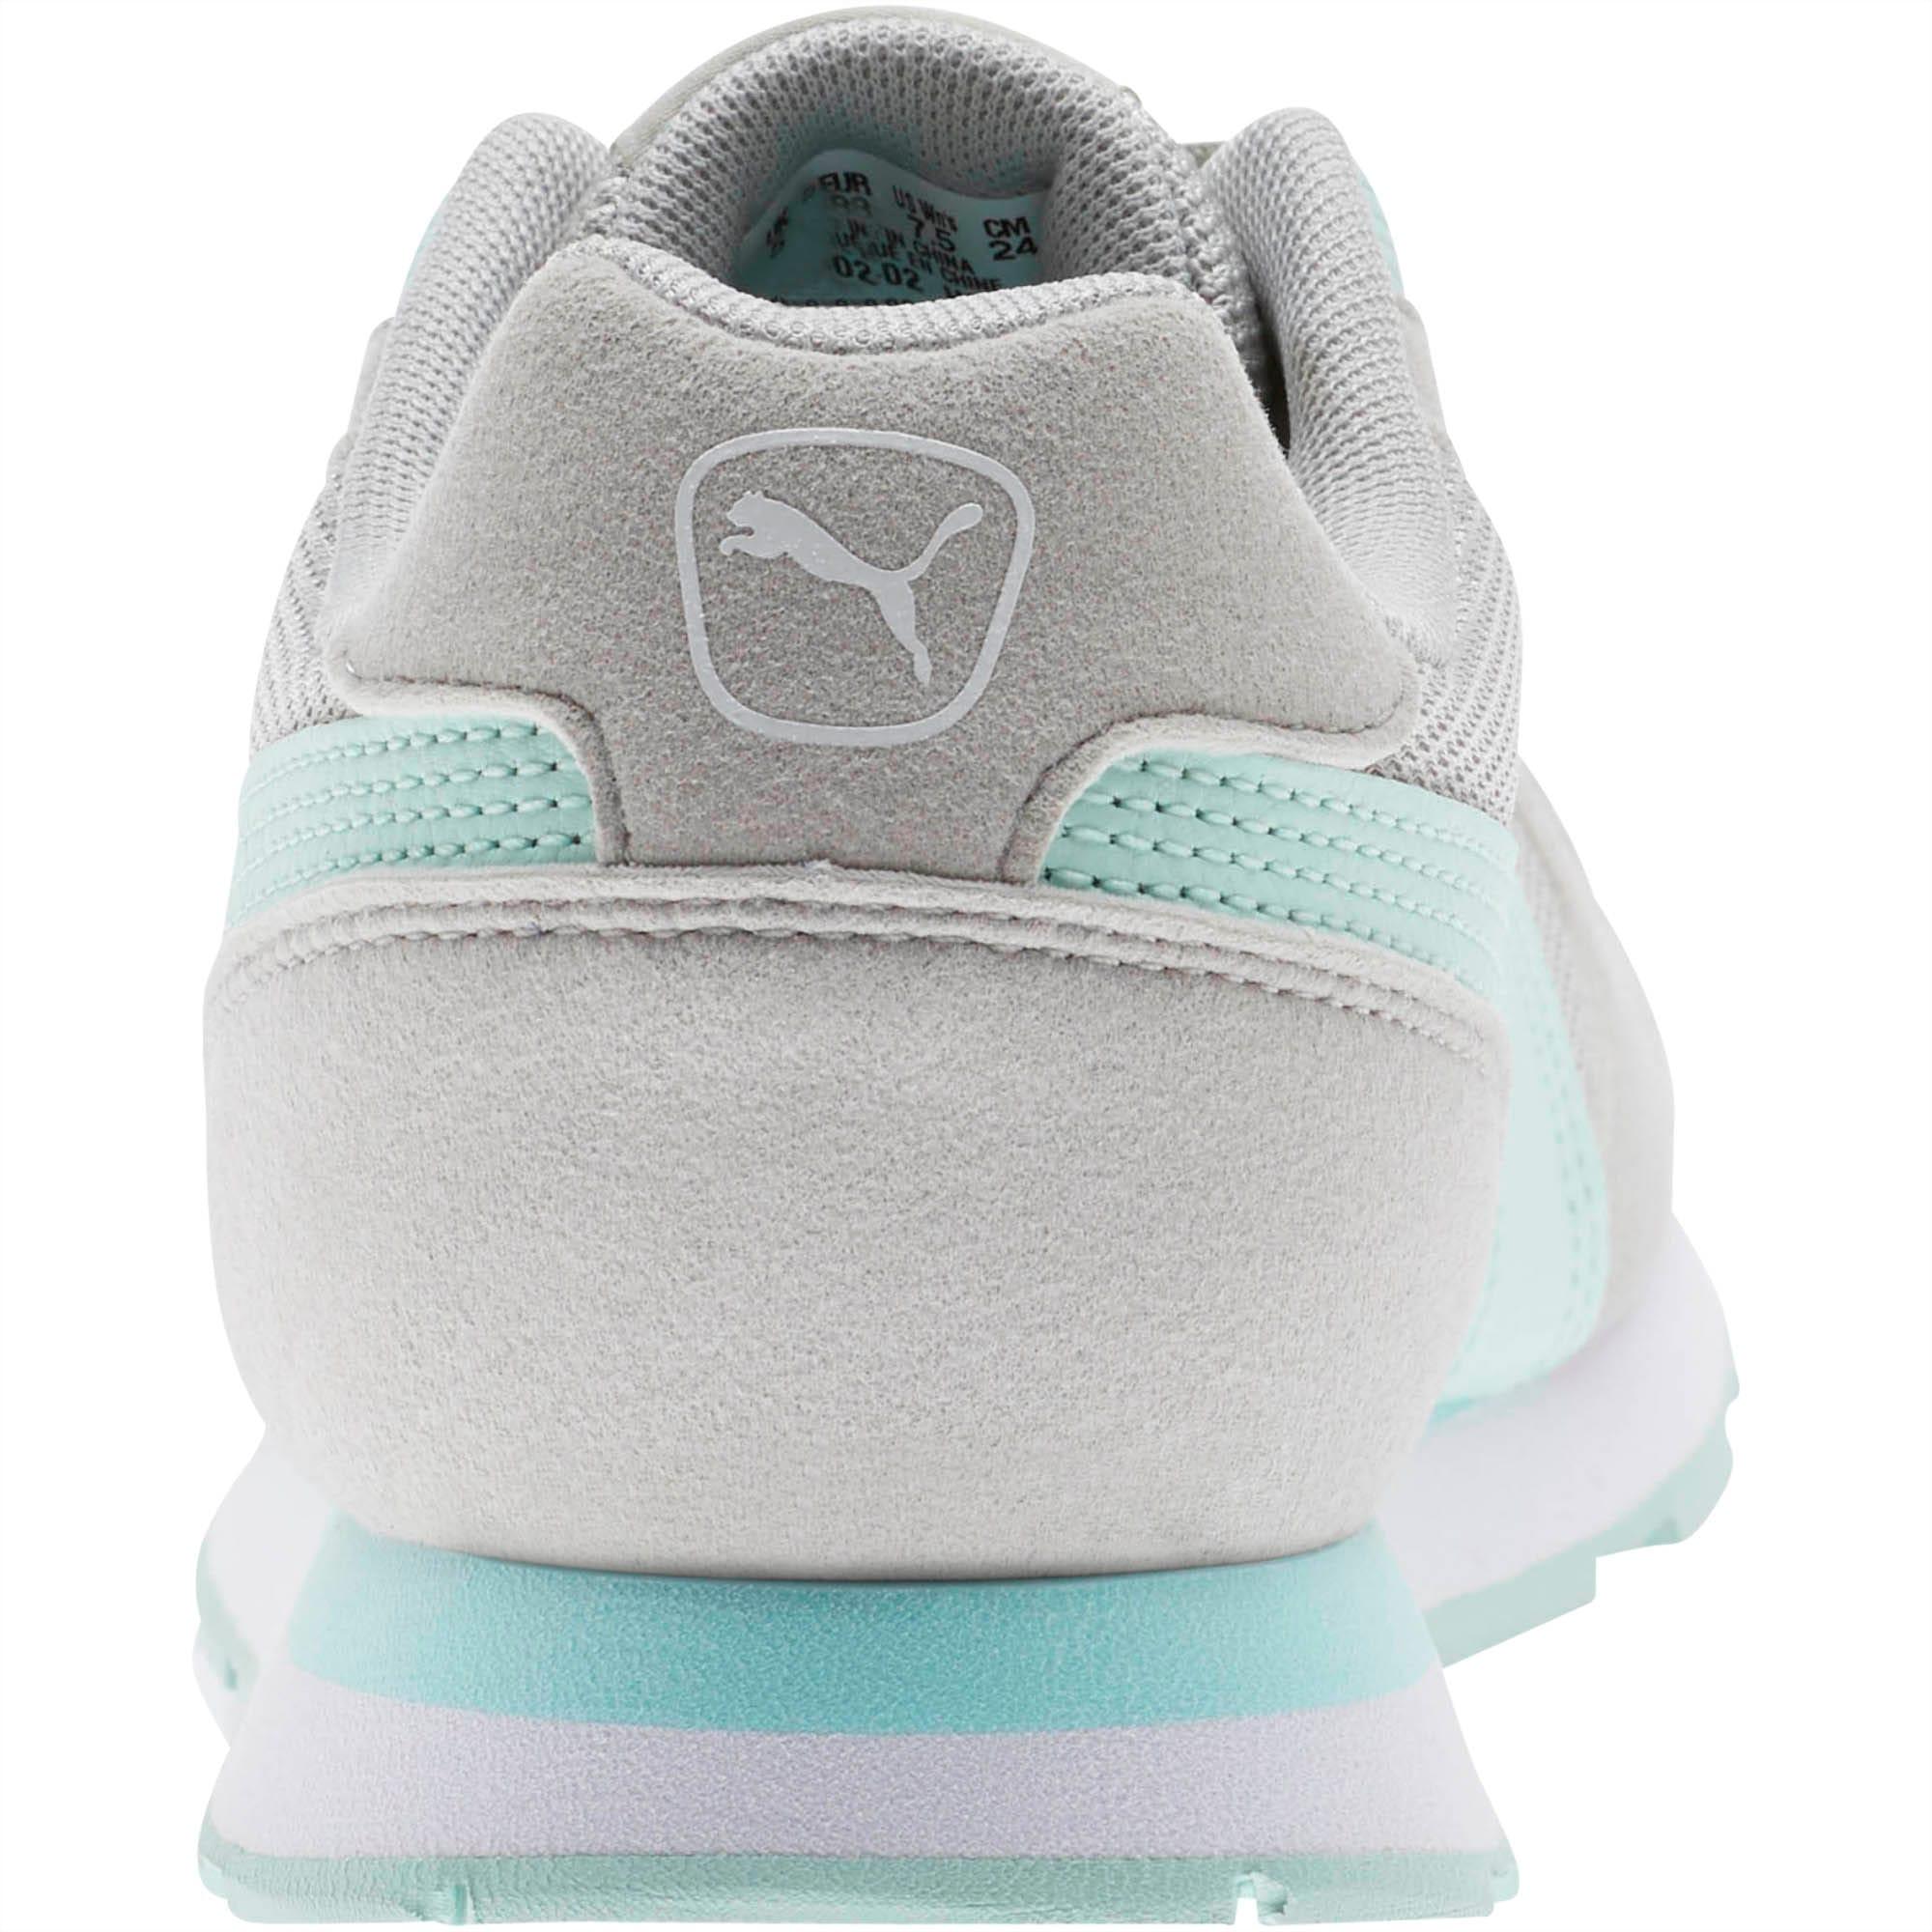 Vista C Women's Sneakers